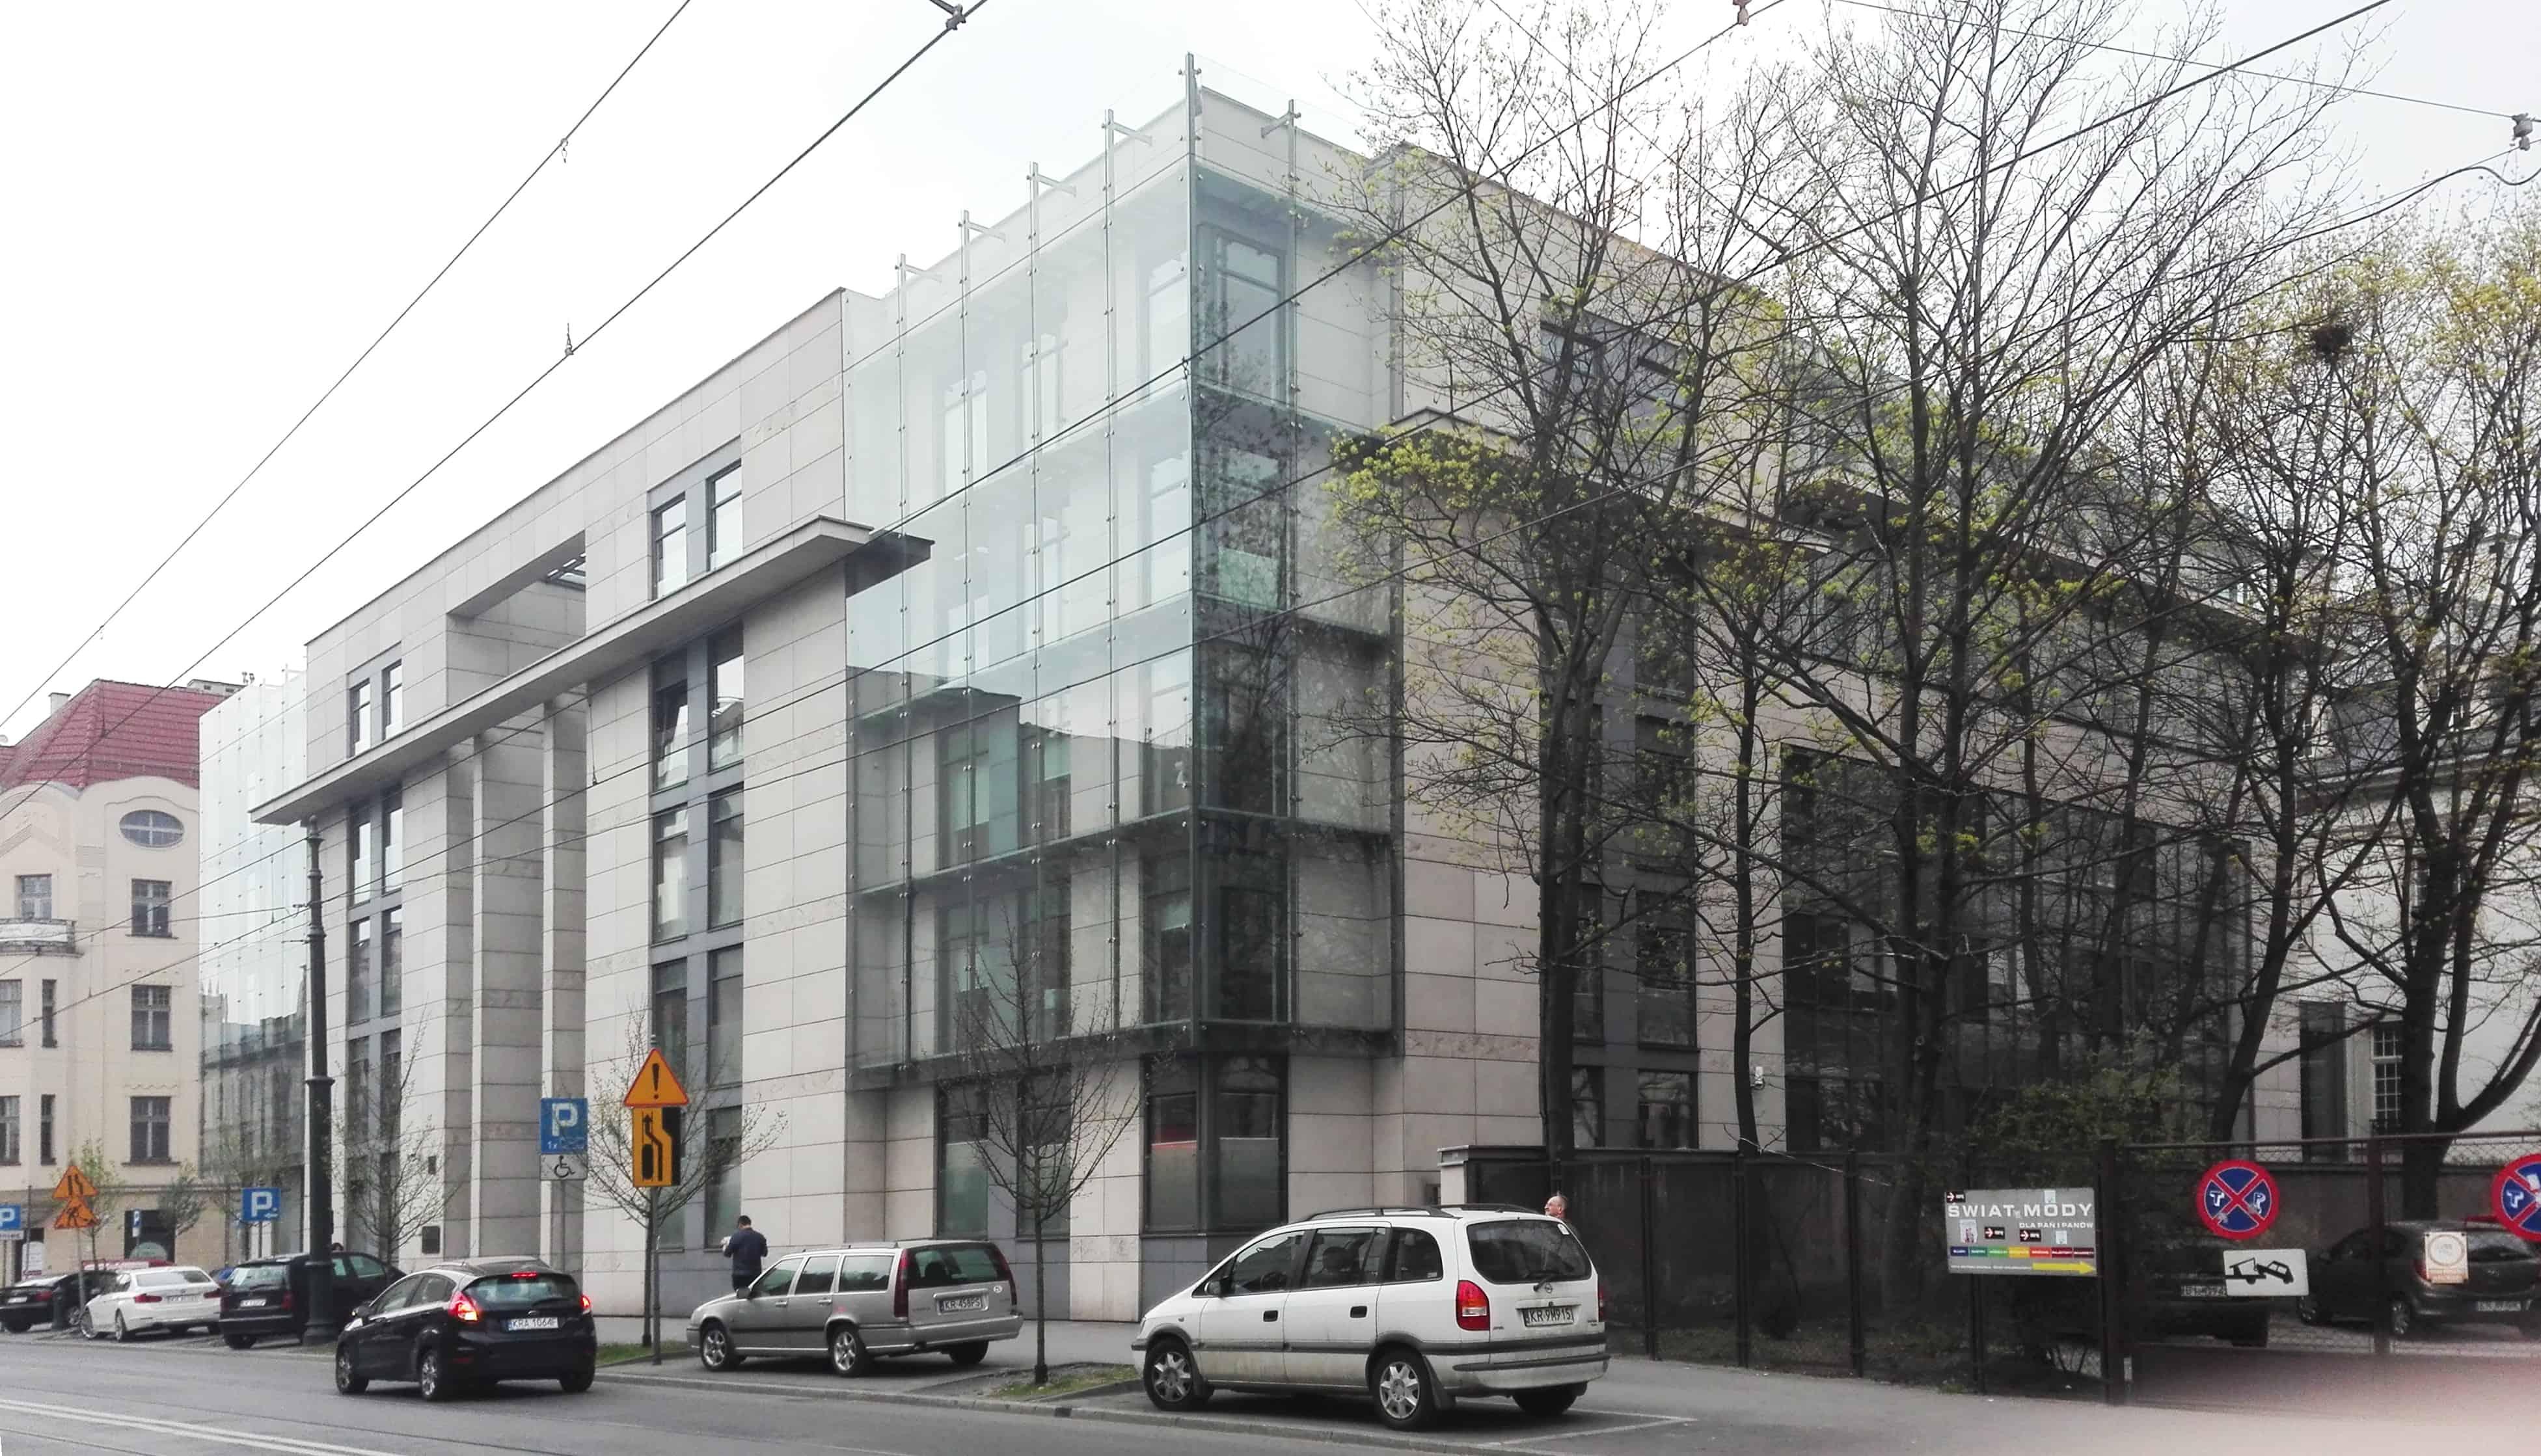 Nadbudowa skrzydła wojewódzkiego Sądu Administracyjnego wKrakowie